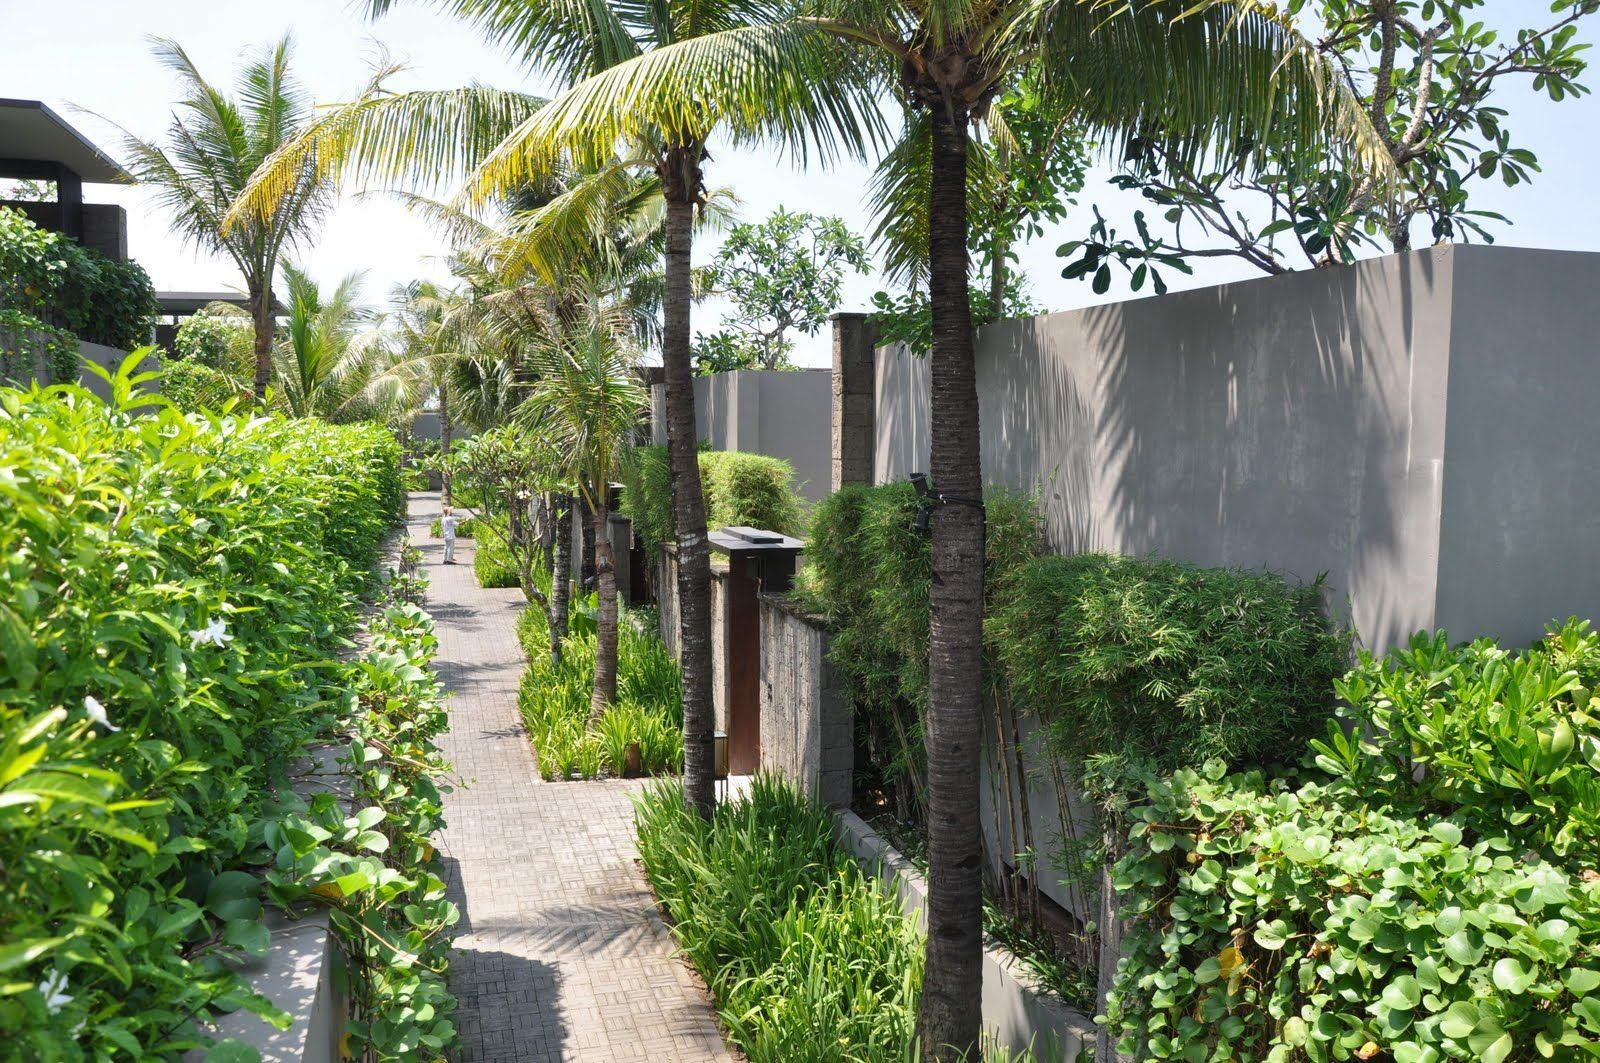 Cw S Food Travel Bali 2010 Alila Villas Soori Bali Garden Tropical Resort Villa